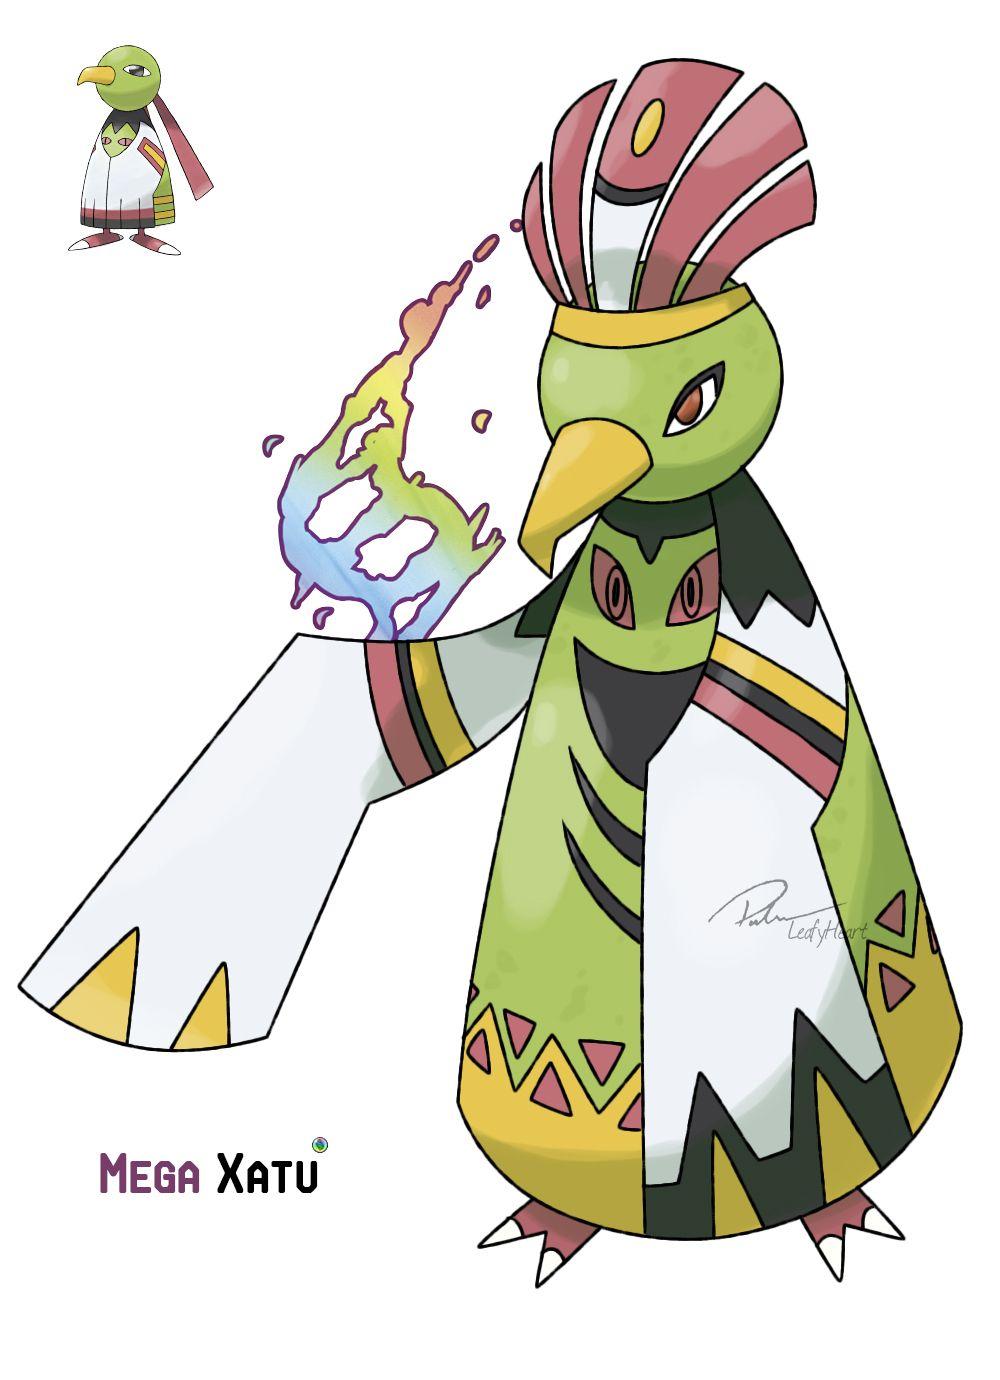 Mega Xatu Source. Artist: LeafyHeart